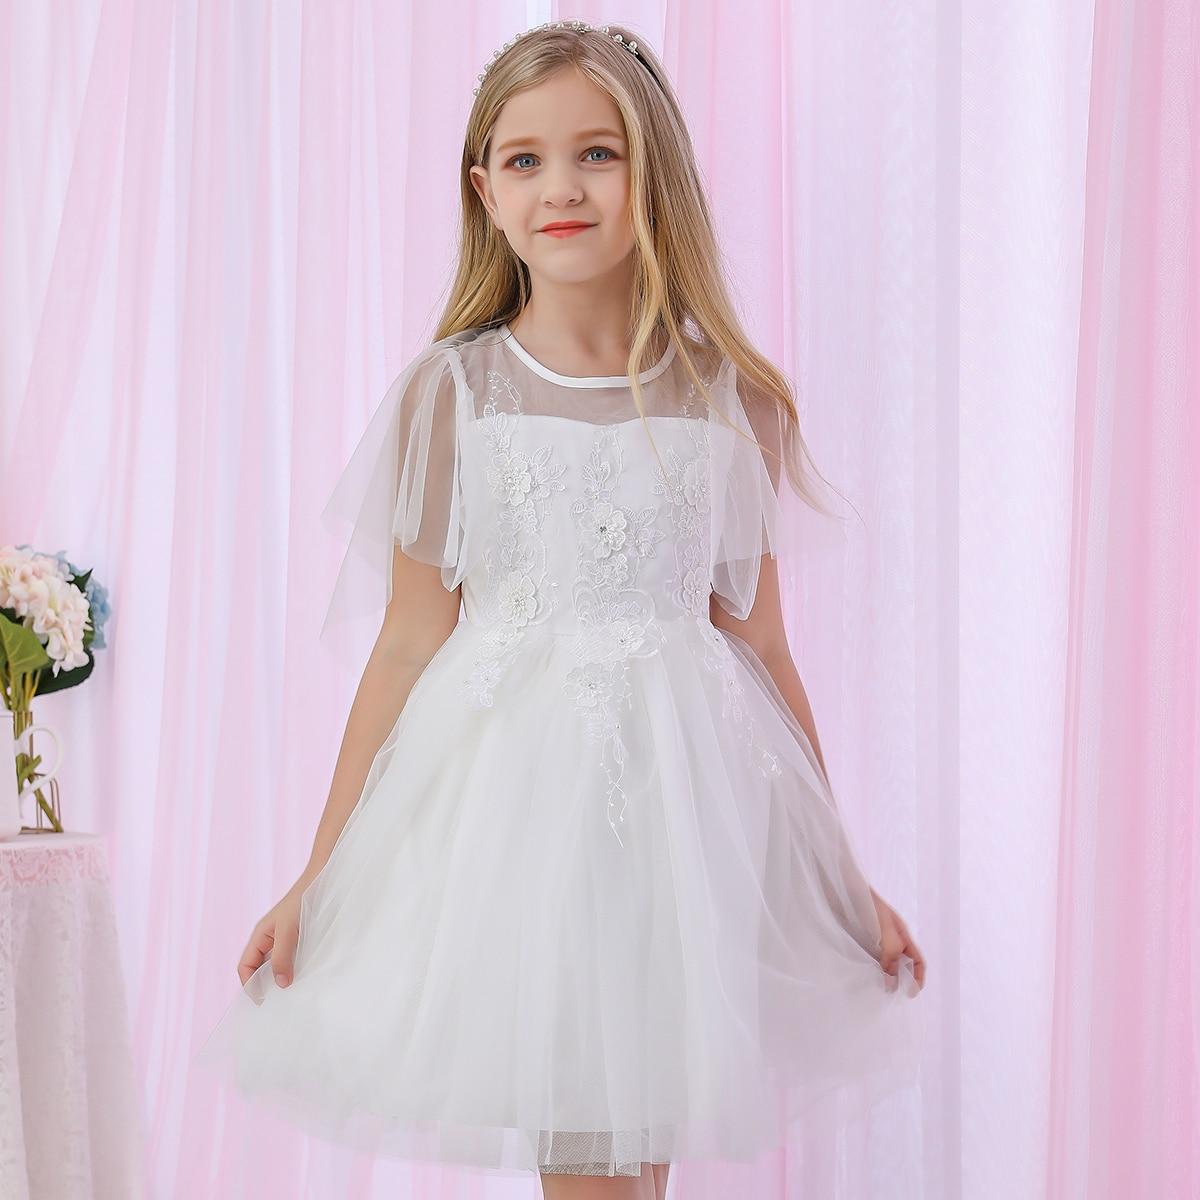 SHEIN / Mädchen Kleid mit Stickereien, Applikation und Netzstoff